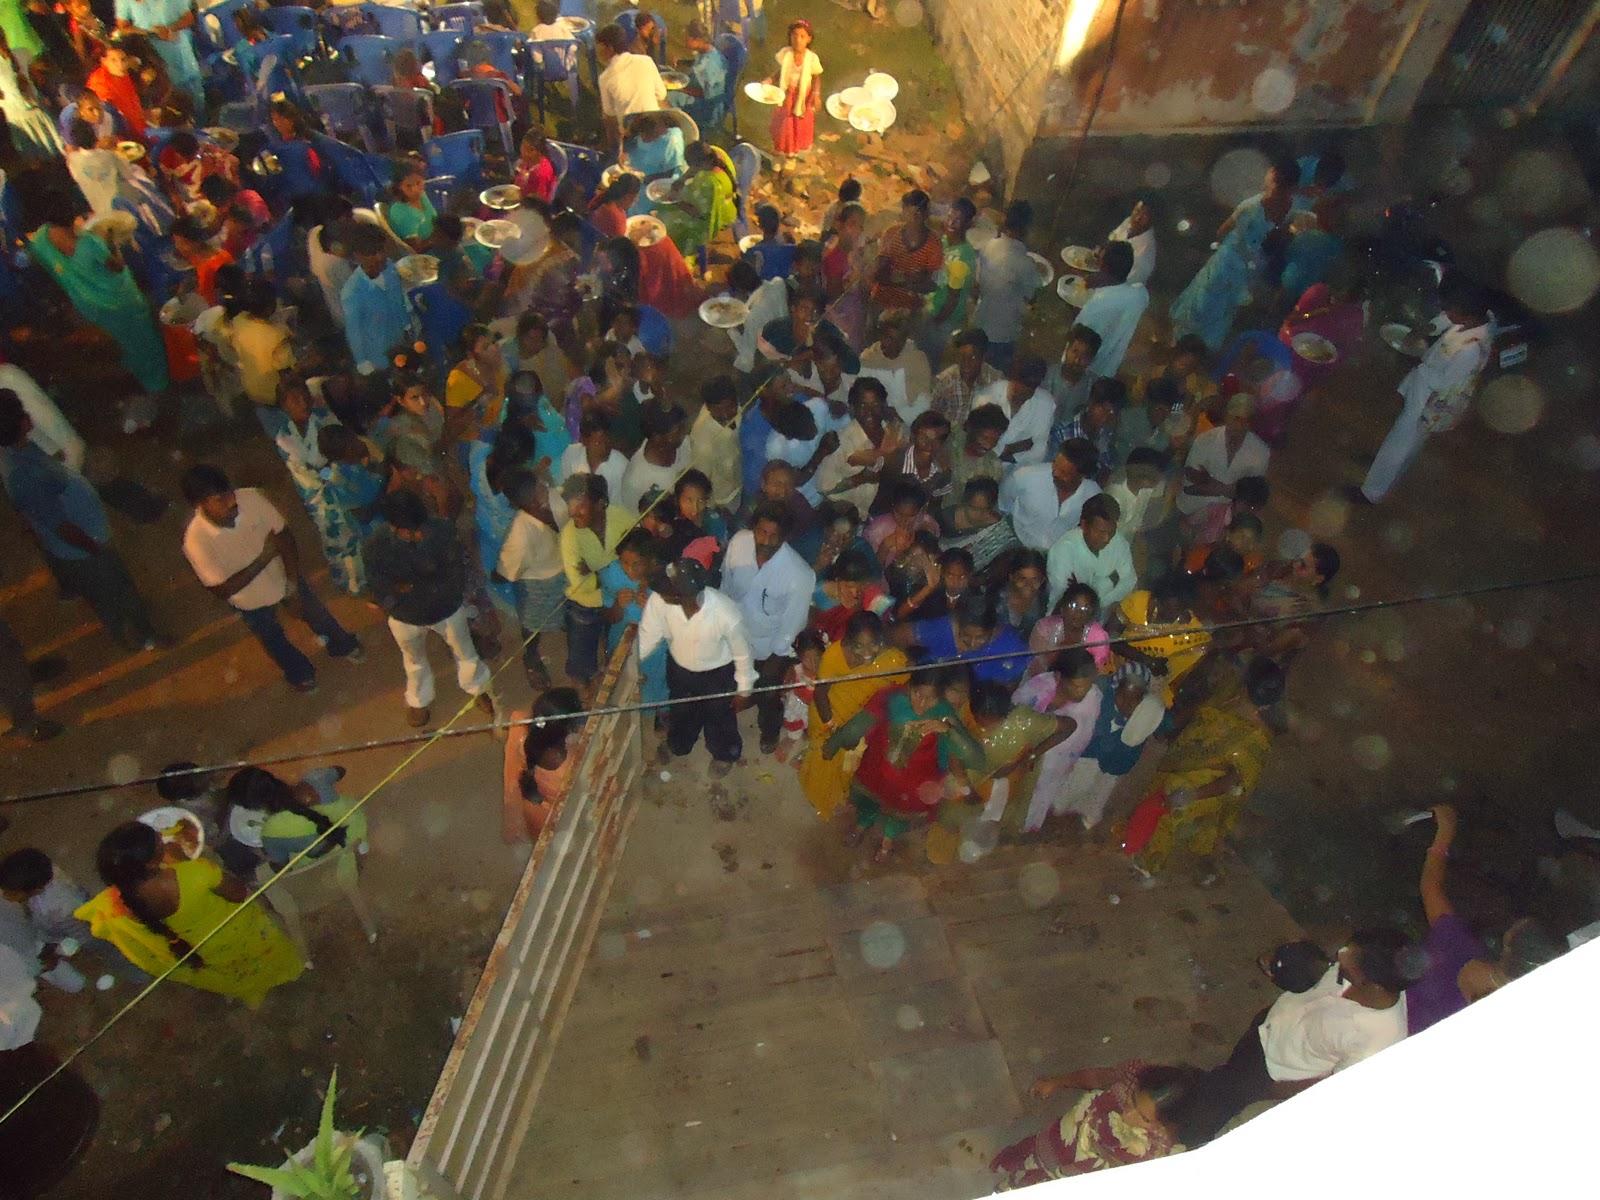 http://1.bp.blogspot.com/_-LAukva-8w4/TU7_Sqx9QrI/AAAAAAAAAI8/7UZlgz9pojk/s1600/party+crowd.JPG